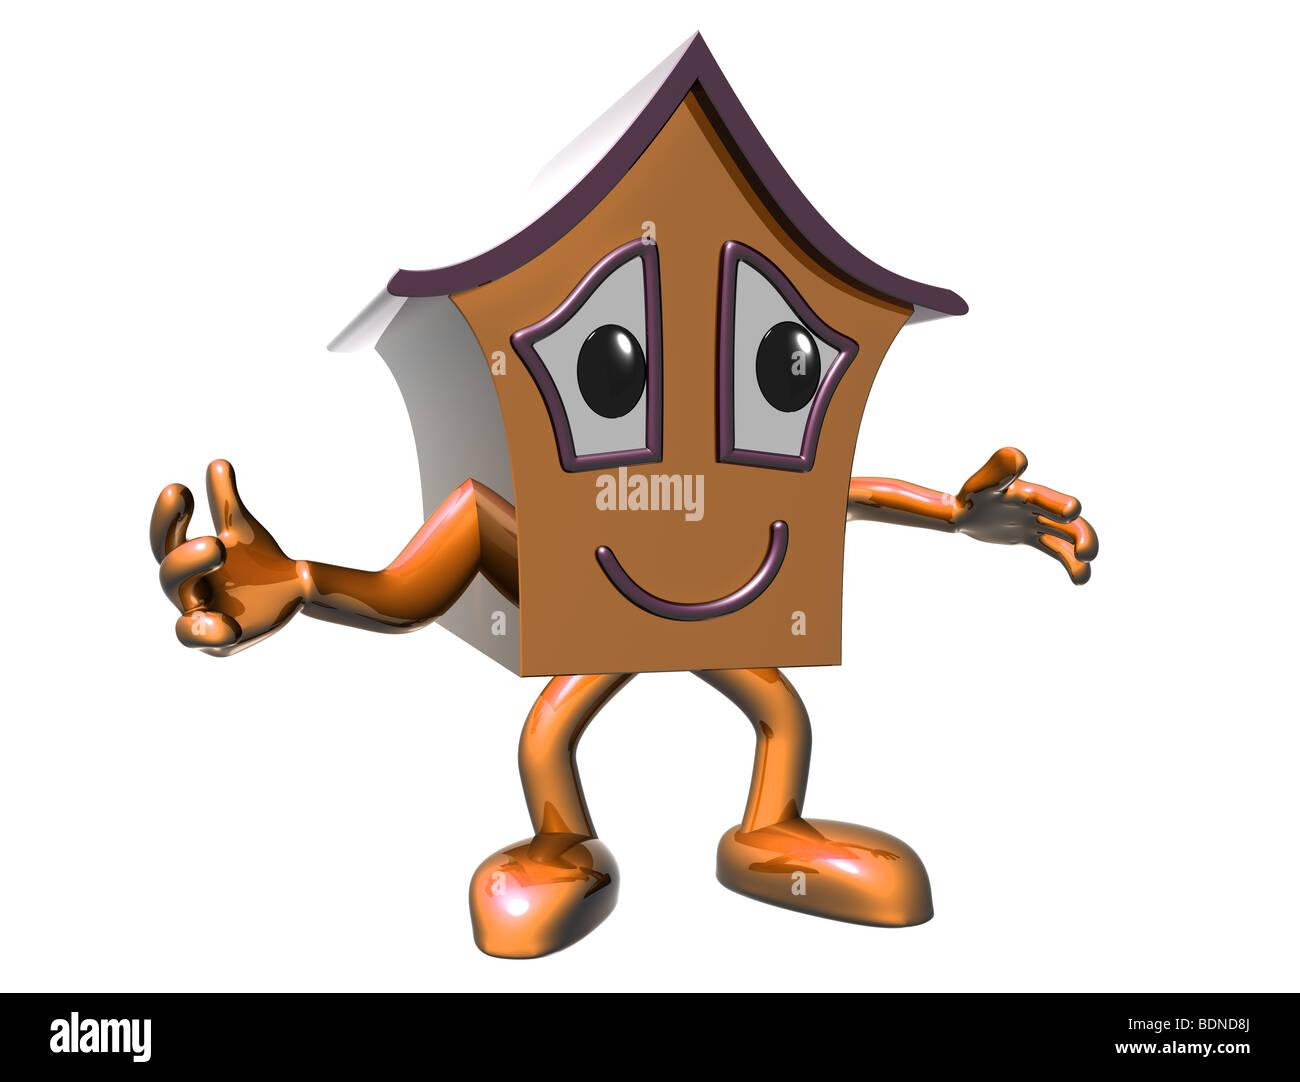 Isolierte Abbildung eines Hauses sehr zufrieden cartoon Stockbild